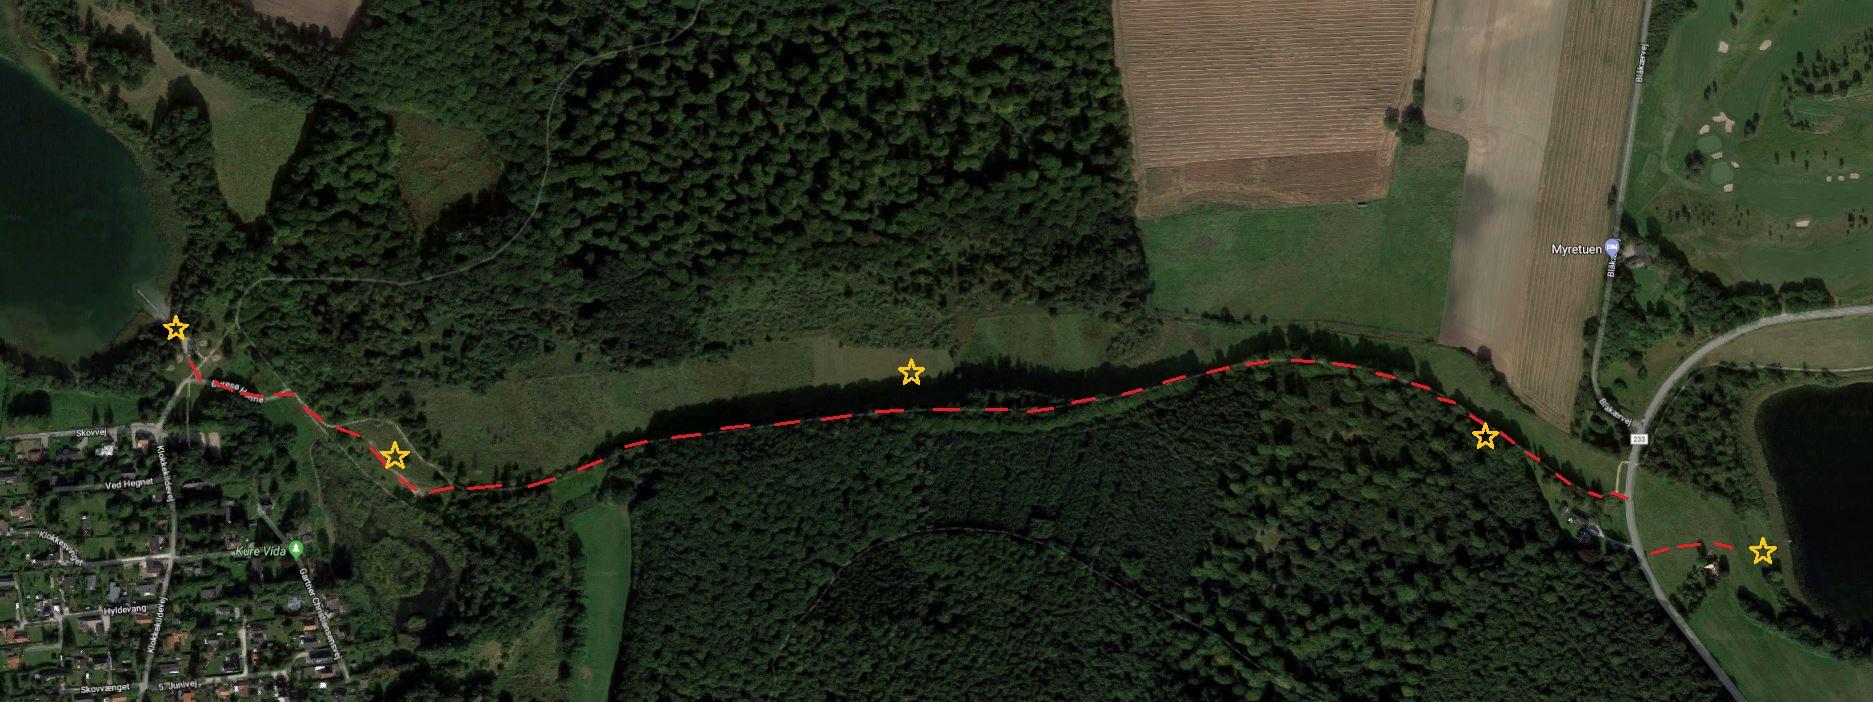 Rute fra Bastrup sø til Buresø. Denne tur tager en time og går gennem smuk natur. Den røde afbrudte linje viser turen fra øst til vest. De gule stjerner er de beskrevne steder i teksten.